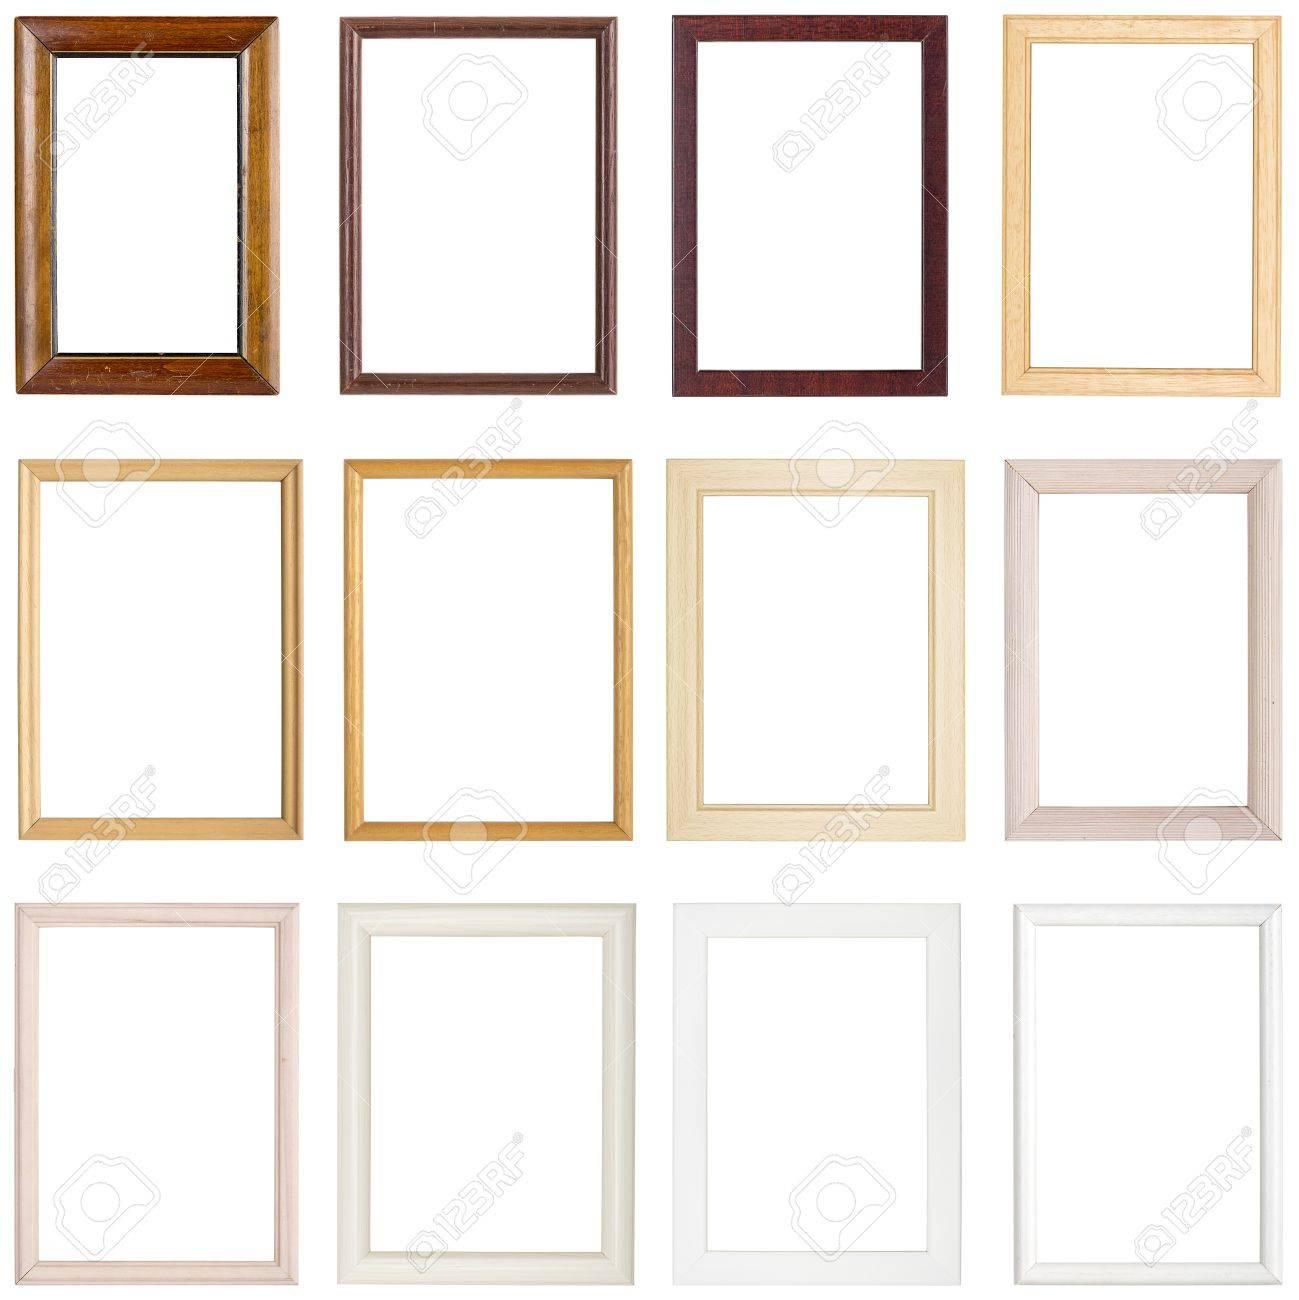 Colección De Sencillos Marcos De Madera, Aislado En Blanco Fotos ...